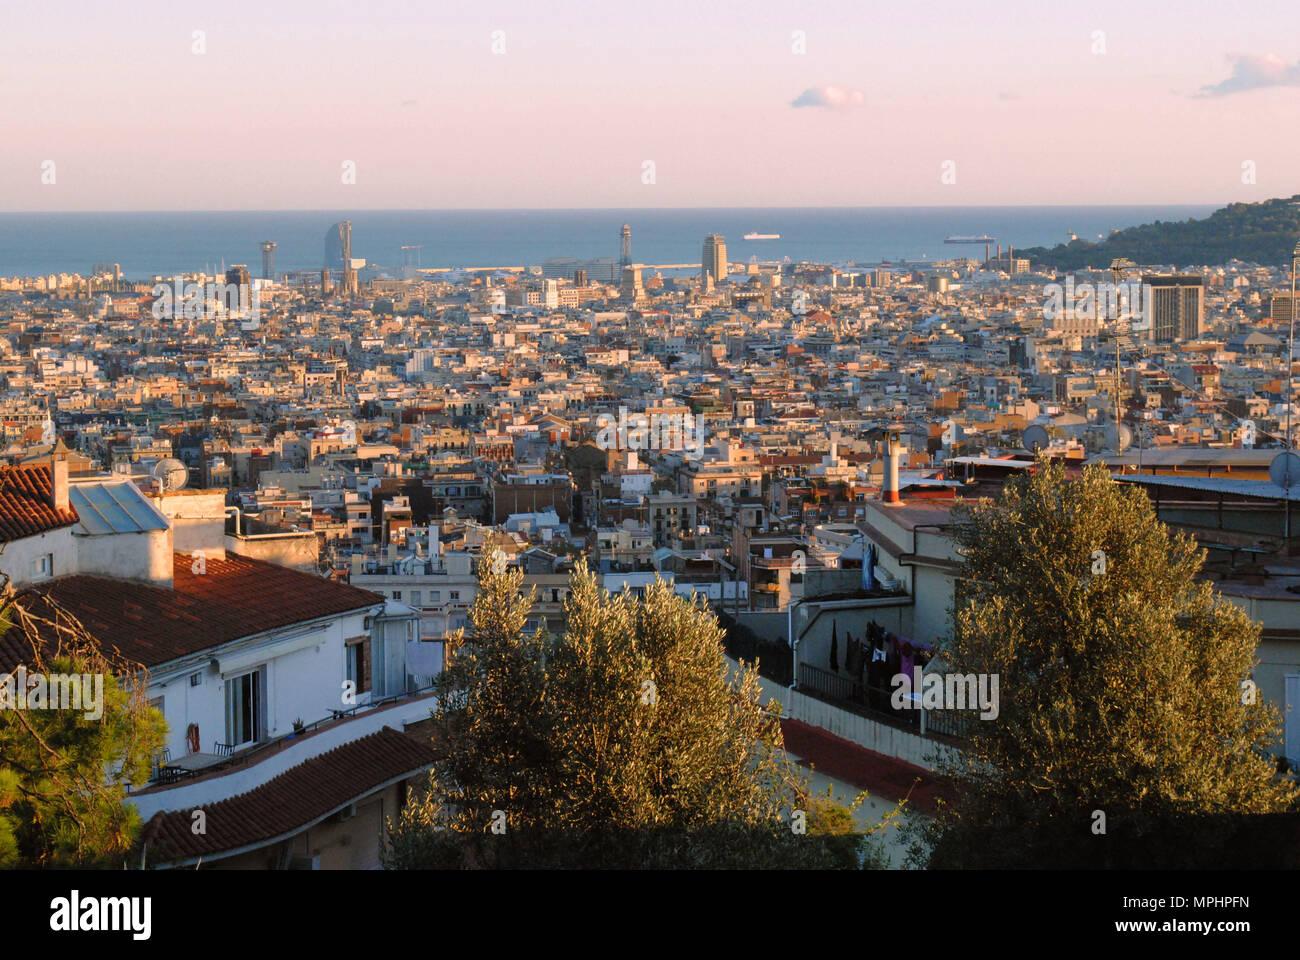 Die Skyline von Barcelona fotografiert kurz vor Sonnenuntergang. Stockbild